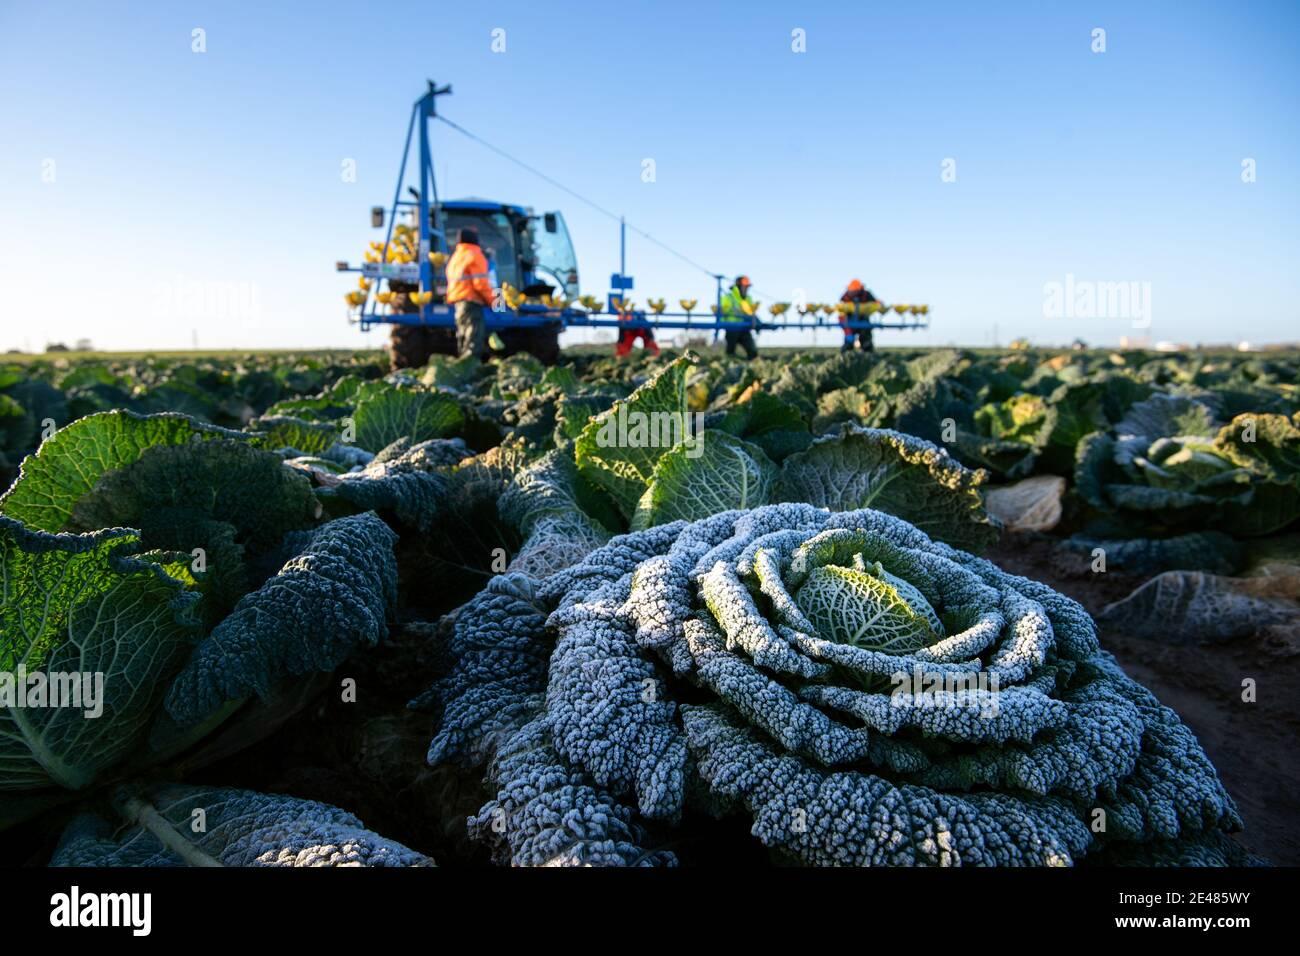 Arbeiter ernten savoy-Kohl bei TH Clements in der Nähe von Boston in Lincolnshire. Bilddatum: Freitag, 22. Januar 2021. Stockfoto